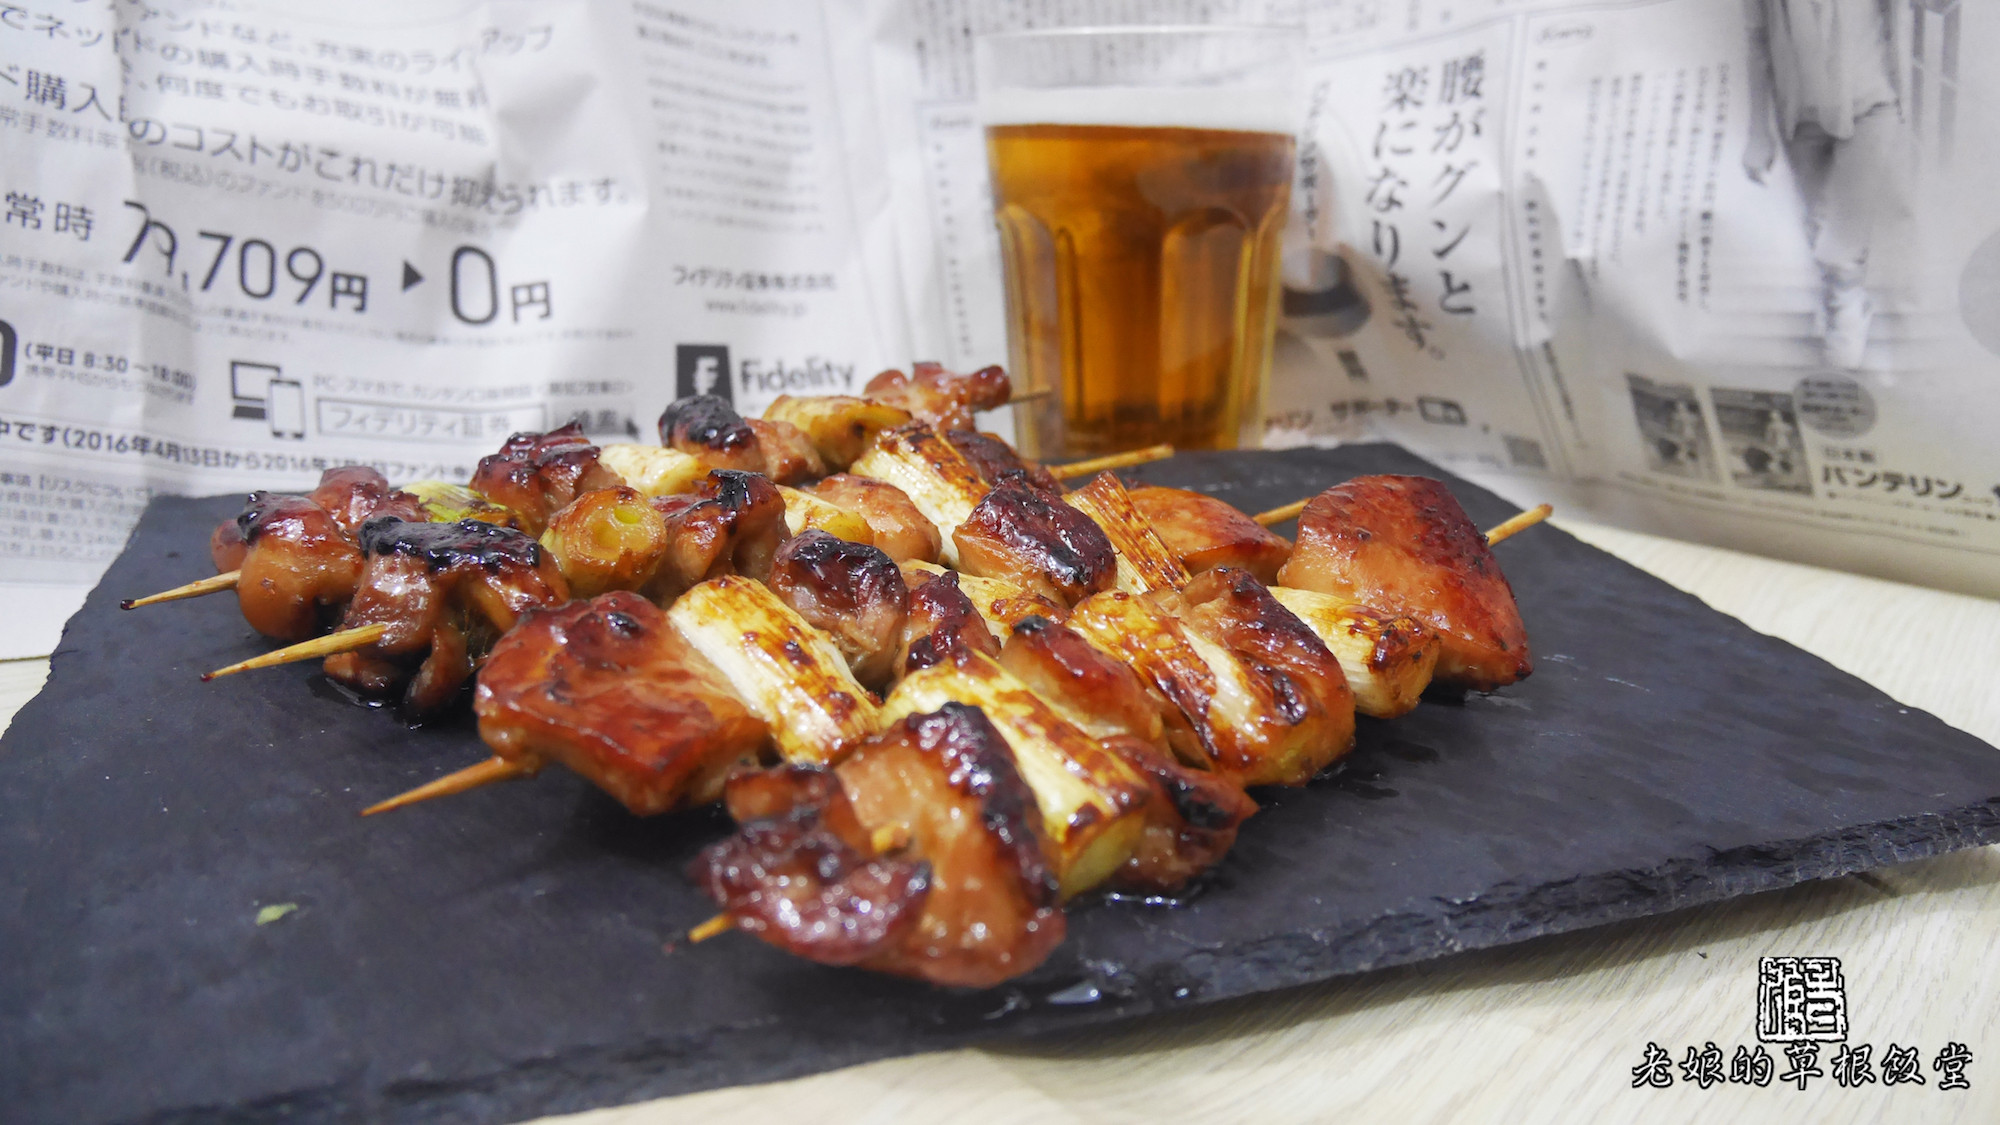 【影片教學】日式醬燒大蔥雞肉串